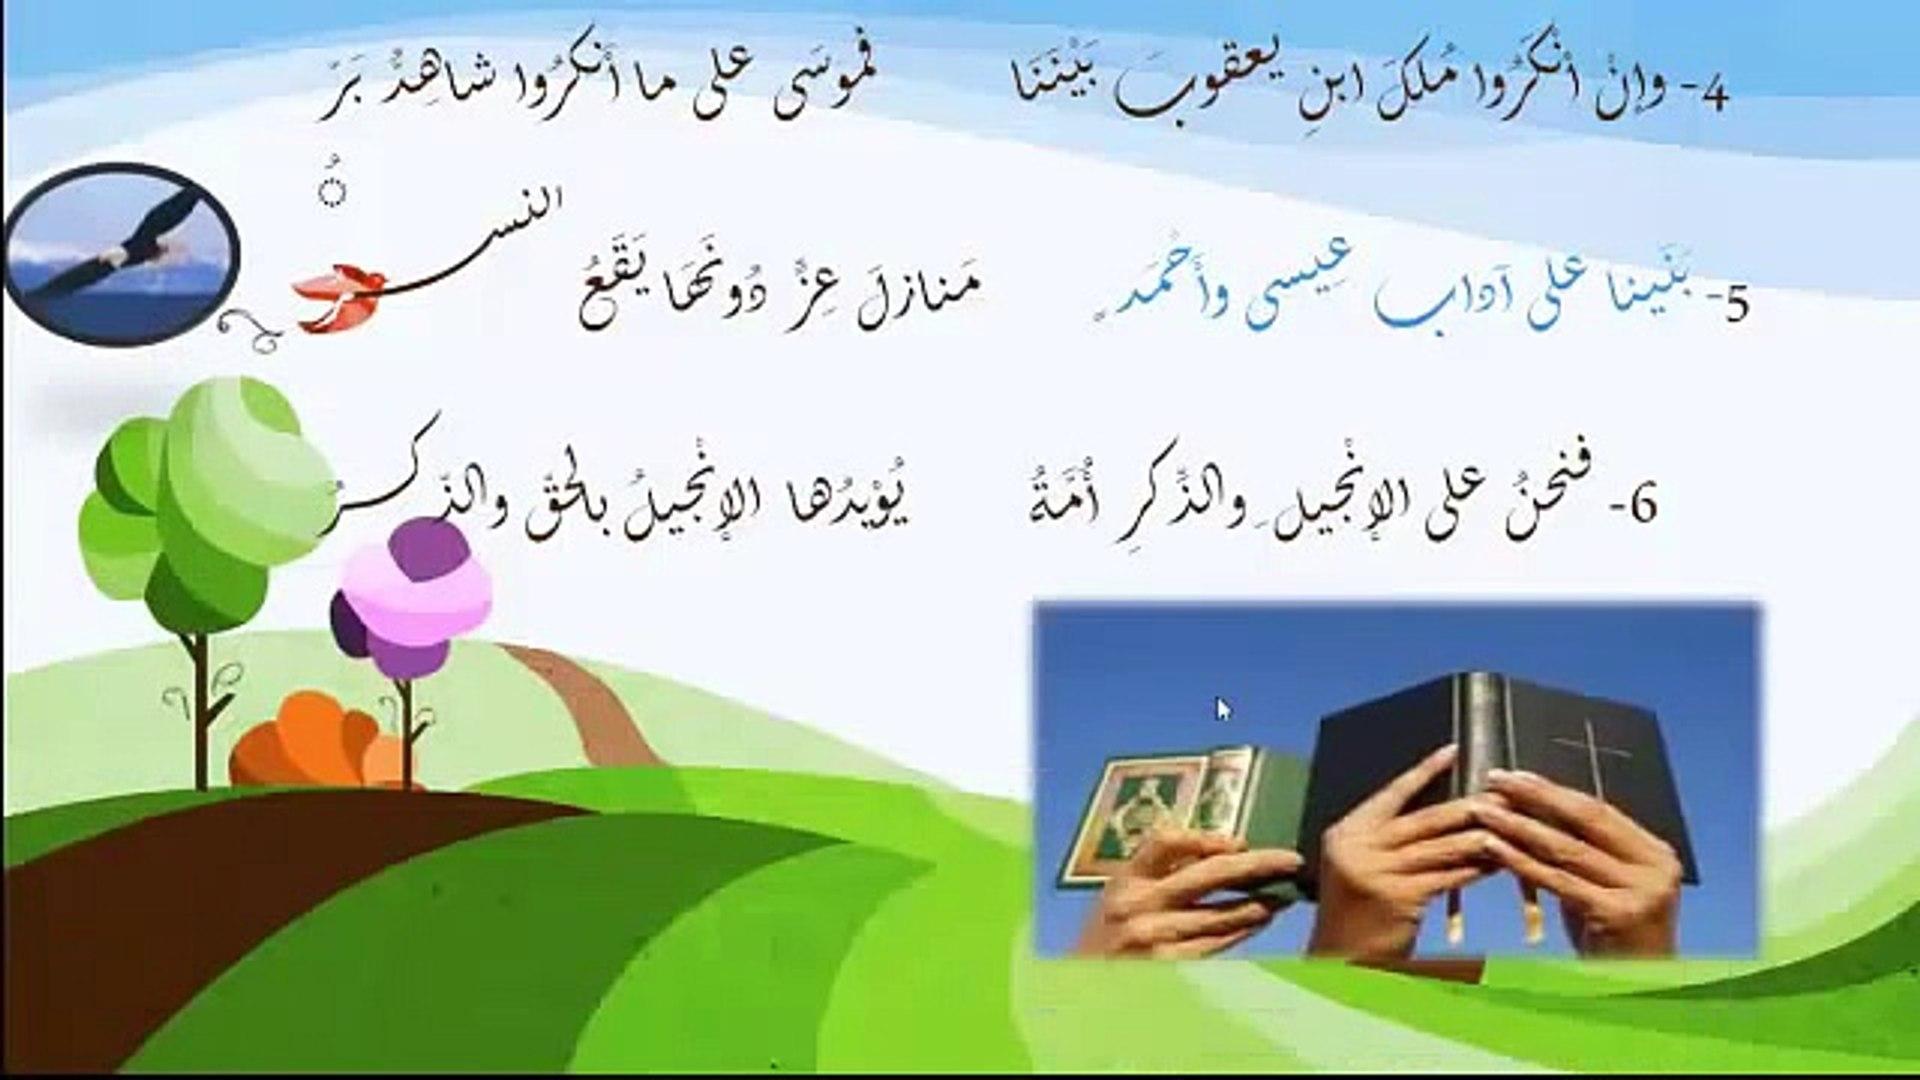 في حب مصر  - لغة عربية - للصف الثاني الإعدادي - موقع نفهم - موقع نفهم